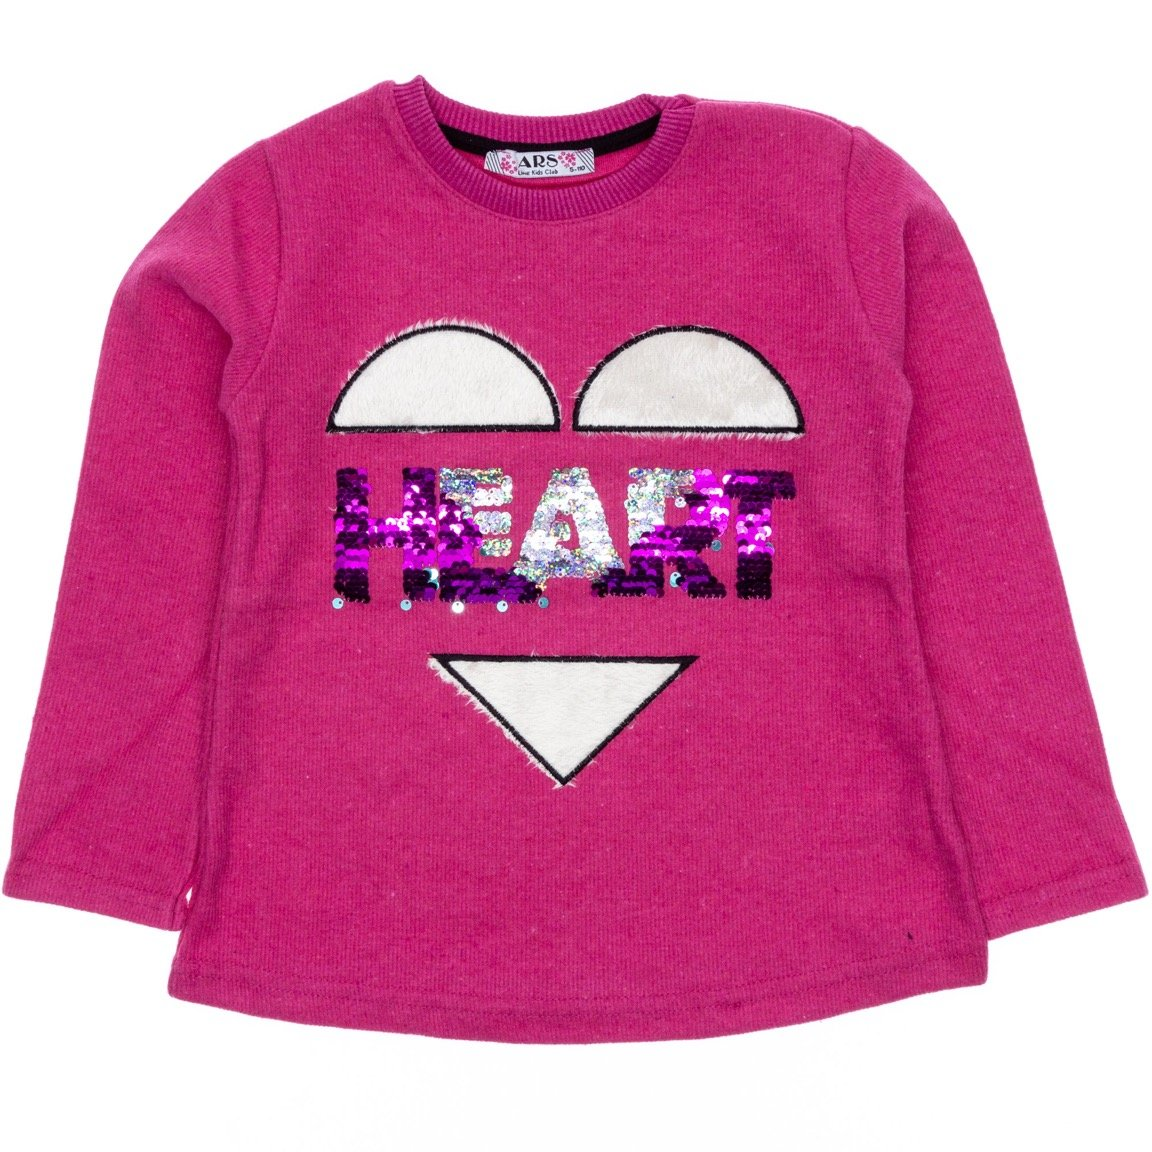 ARS παιδική μπλούζα «Fuchsia Heart»